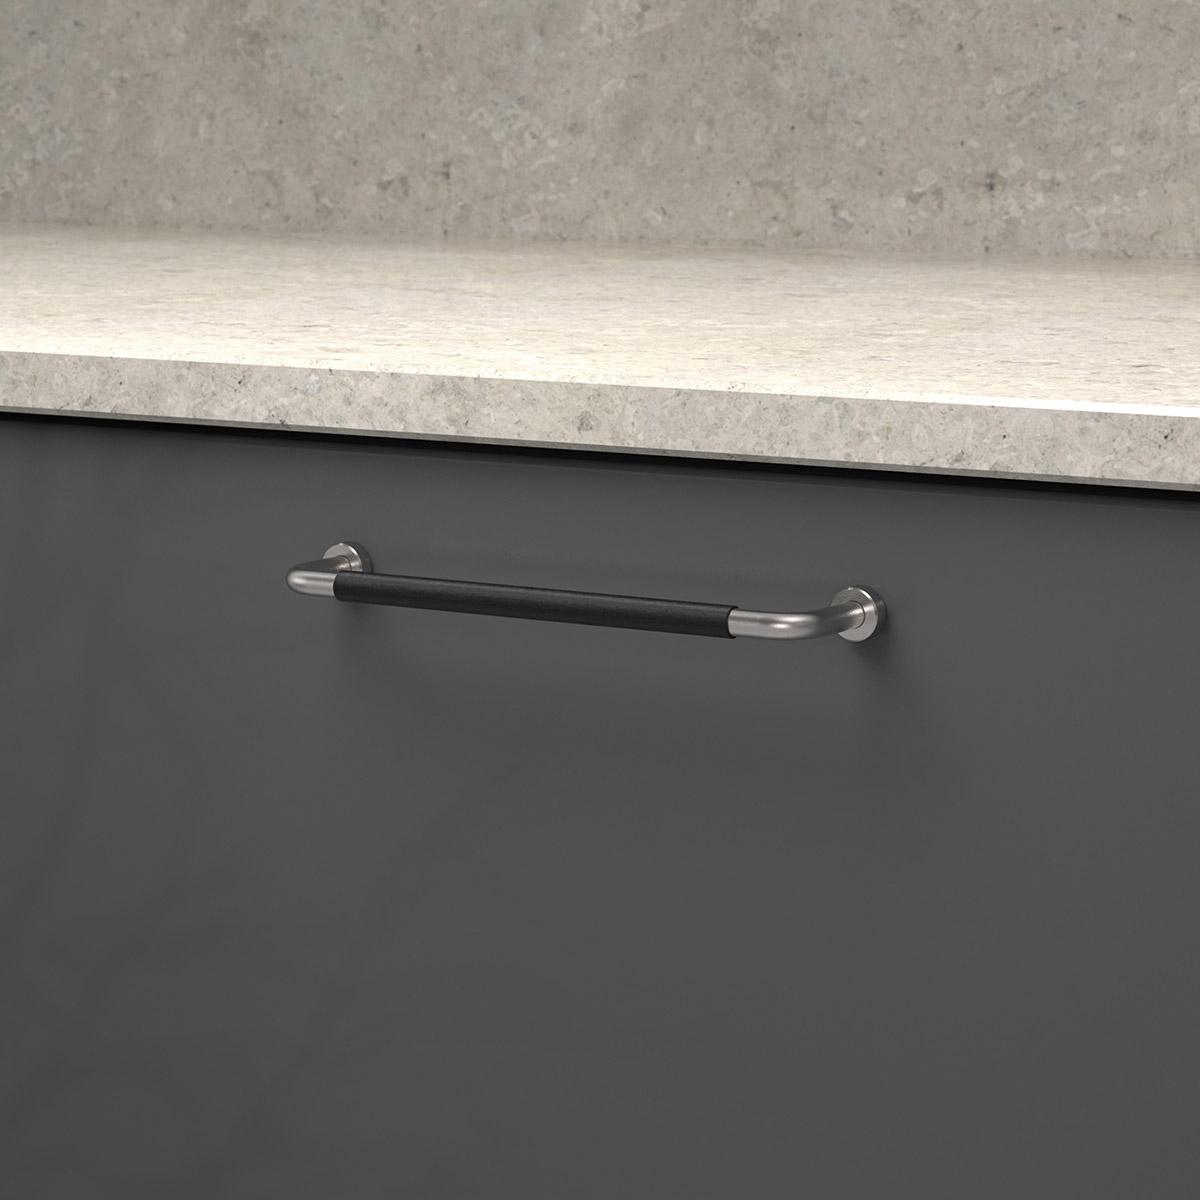 Handtag lounge rostfritt ladersvept svart 370106 11 cc 160 mm ncs s 7500 n kalksten